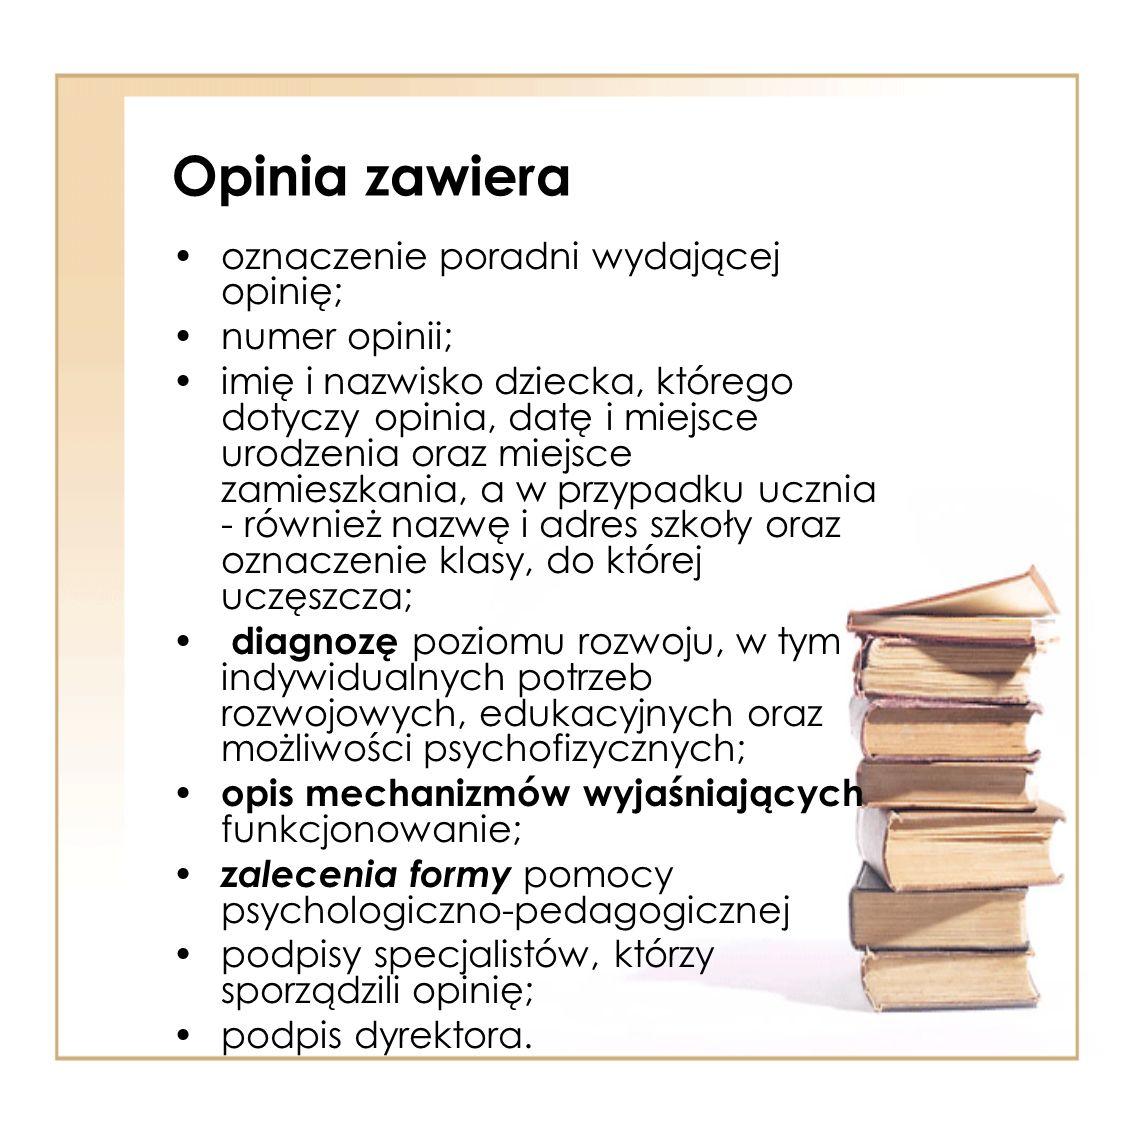 Opinia zawiera oznaczenie poradni wydającej opinię; numer opinii;